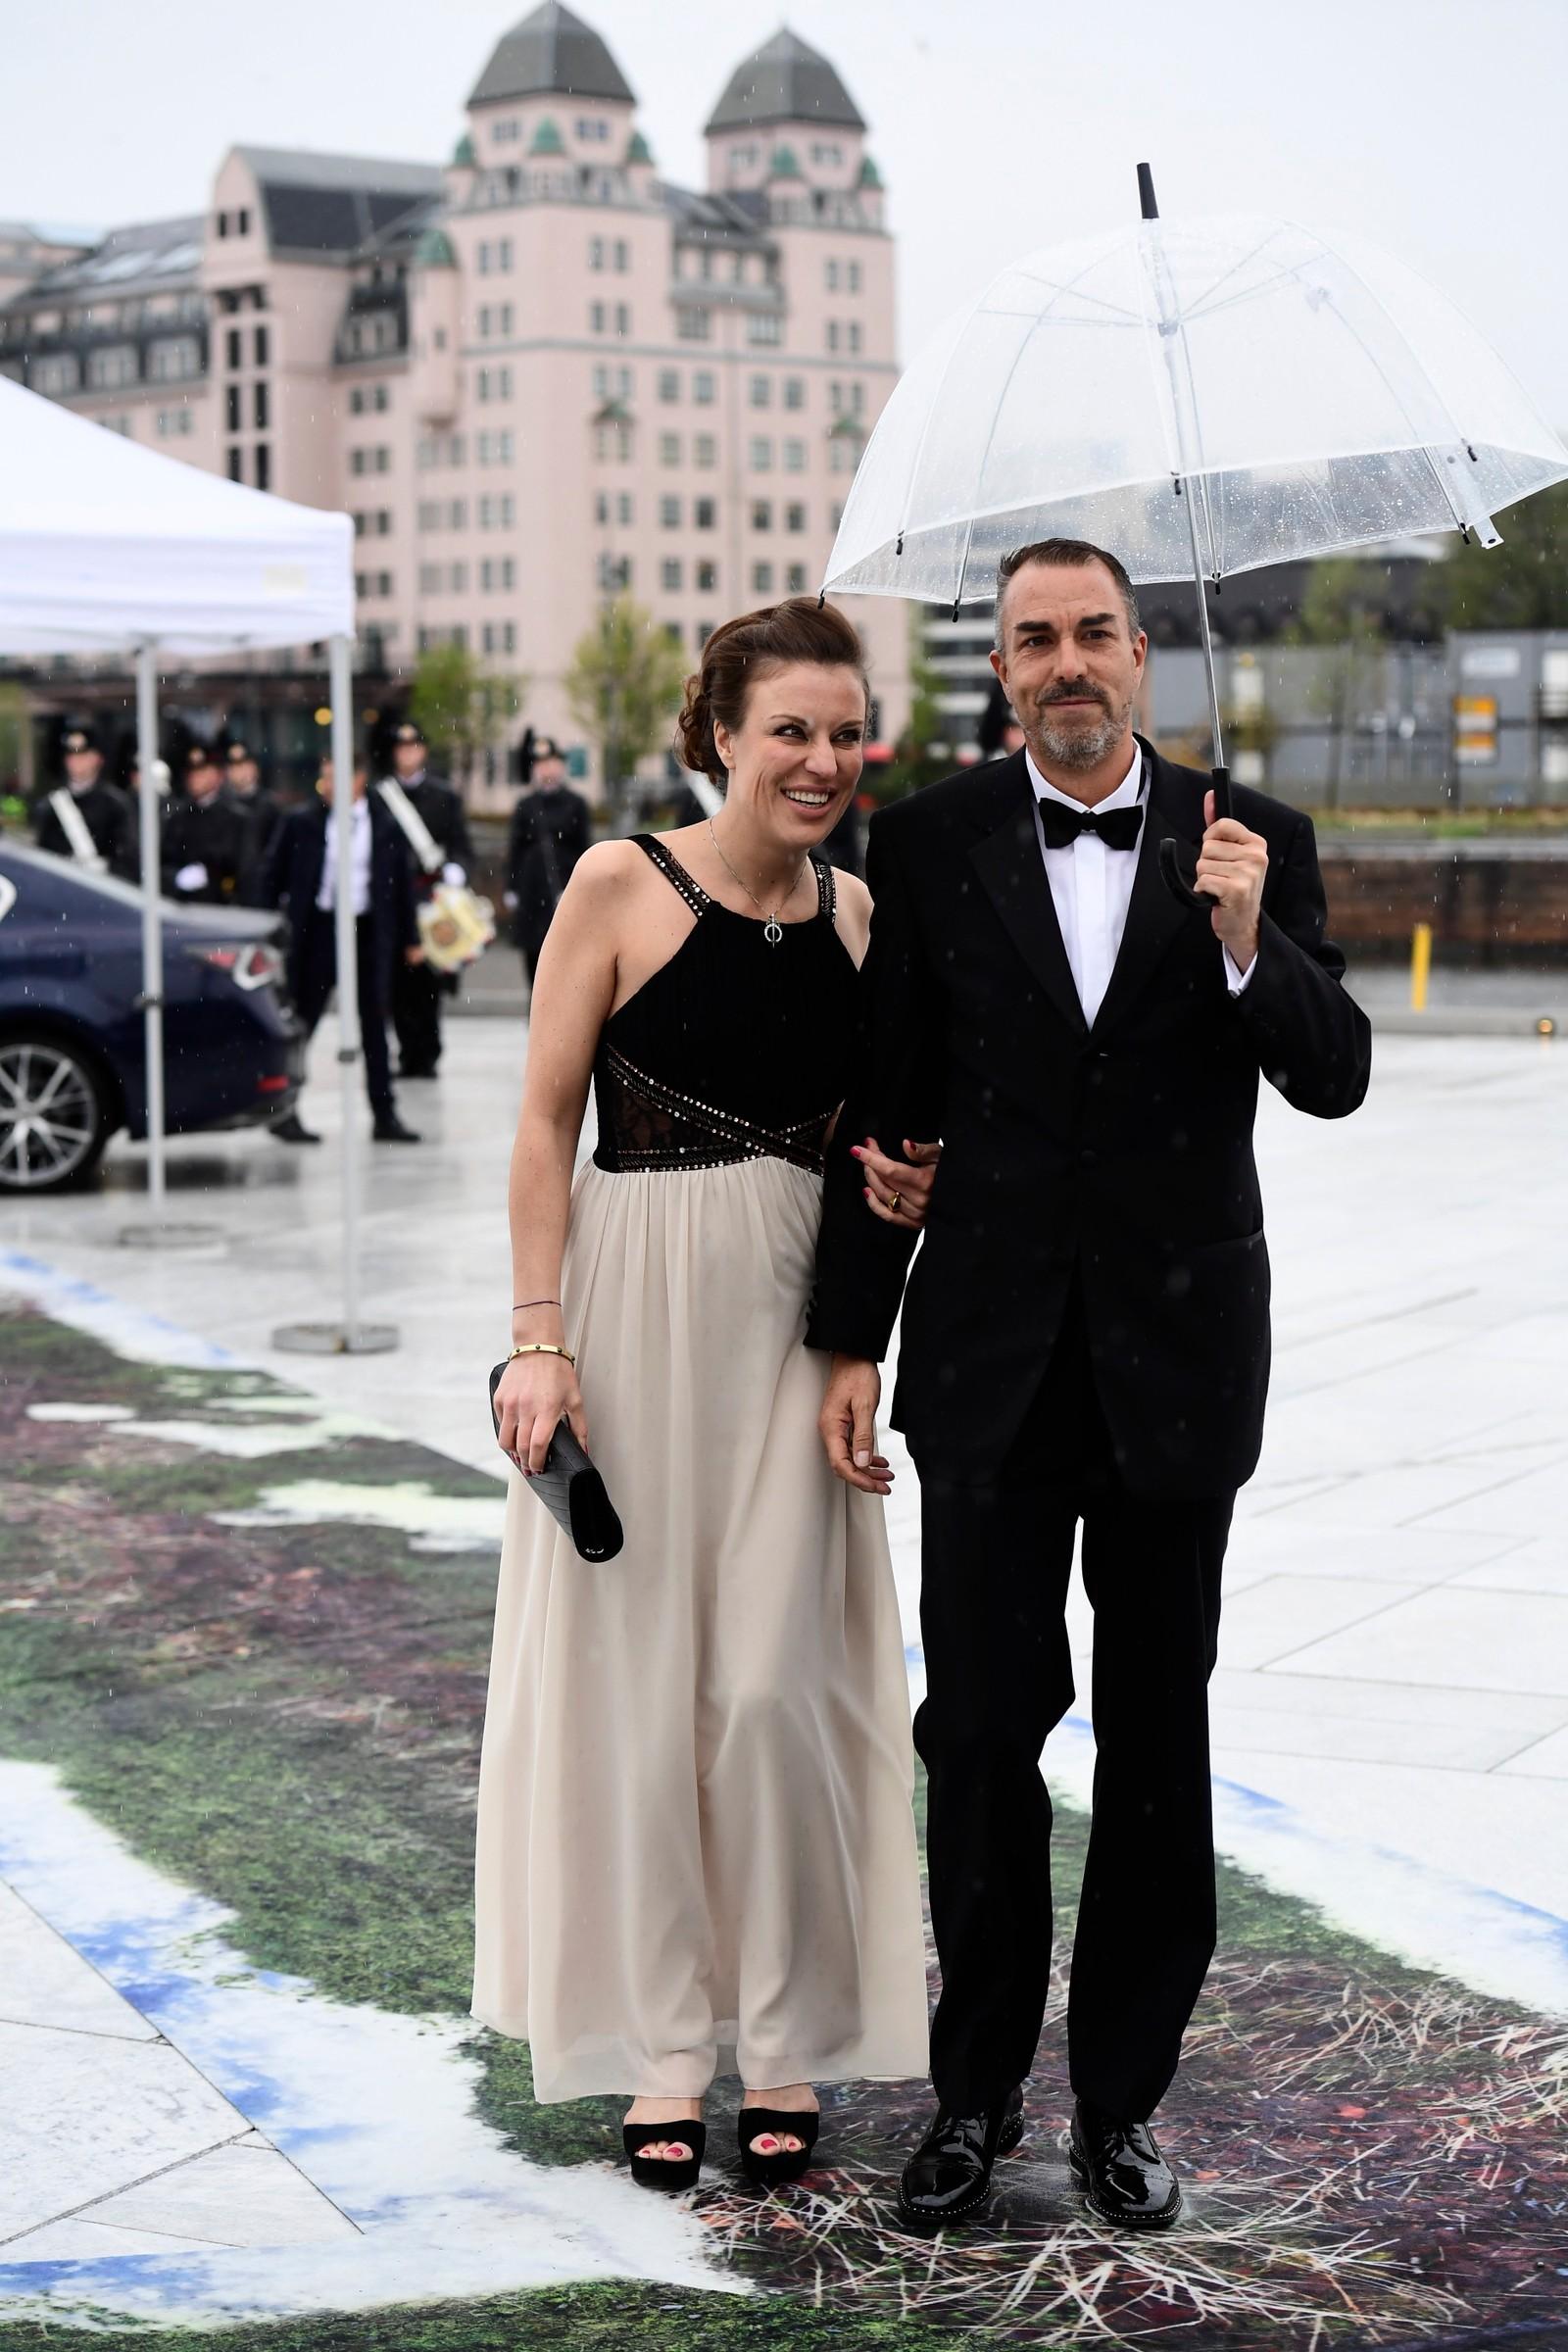 Desirée Kogevinas, datter av kong Haralds kusine grevinne Madeleine Bernadotte, og hennes ledsager Carlos Eugster er blant gjestene.